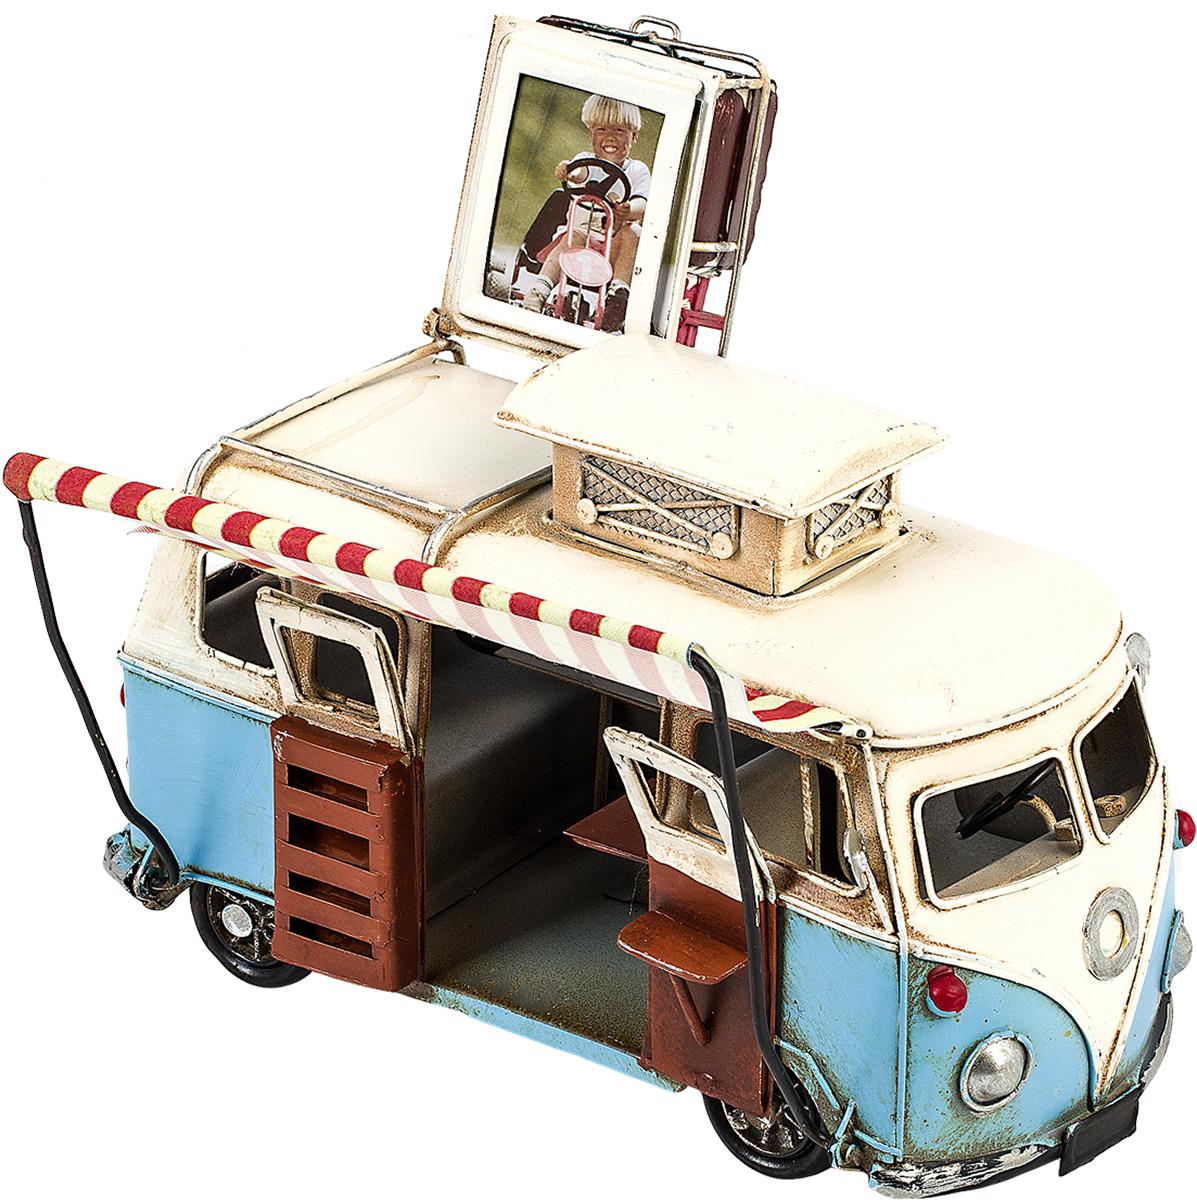 Модель Platinum Автобус, с фоторамкой. 1404E-43521404E-4352Модель Platinum Автобус, выполненная из металла, станет оригинальнымукрашением вашегоинтерьера. Вы можете поставить модель автобуса в любом месте, где онабудет удачно смотреться. Изделие дополнено фоторамкой, куда вы можете вставить вашу любимуюфотографию. Качество исполнения, точные детали и оригинальный дизайн выделяют этумодель среди ряда подобных. Модель займет достойное место в вашейколлекции, а также приятно удивит получателя в качестве стильного сувенира.